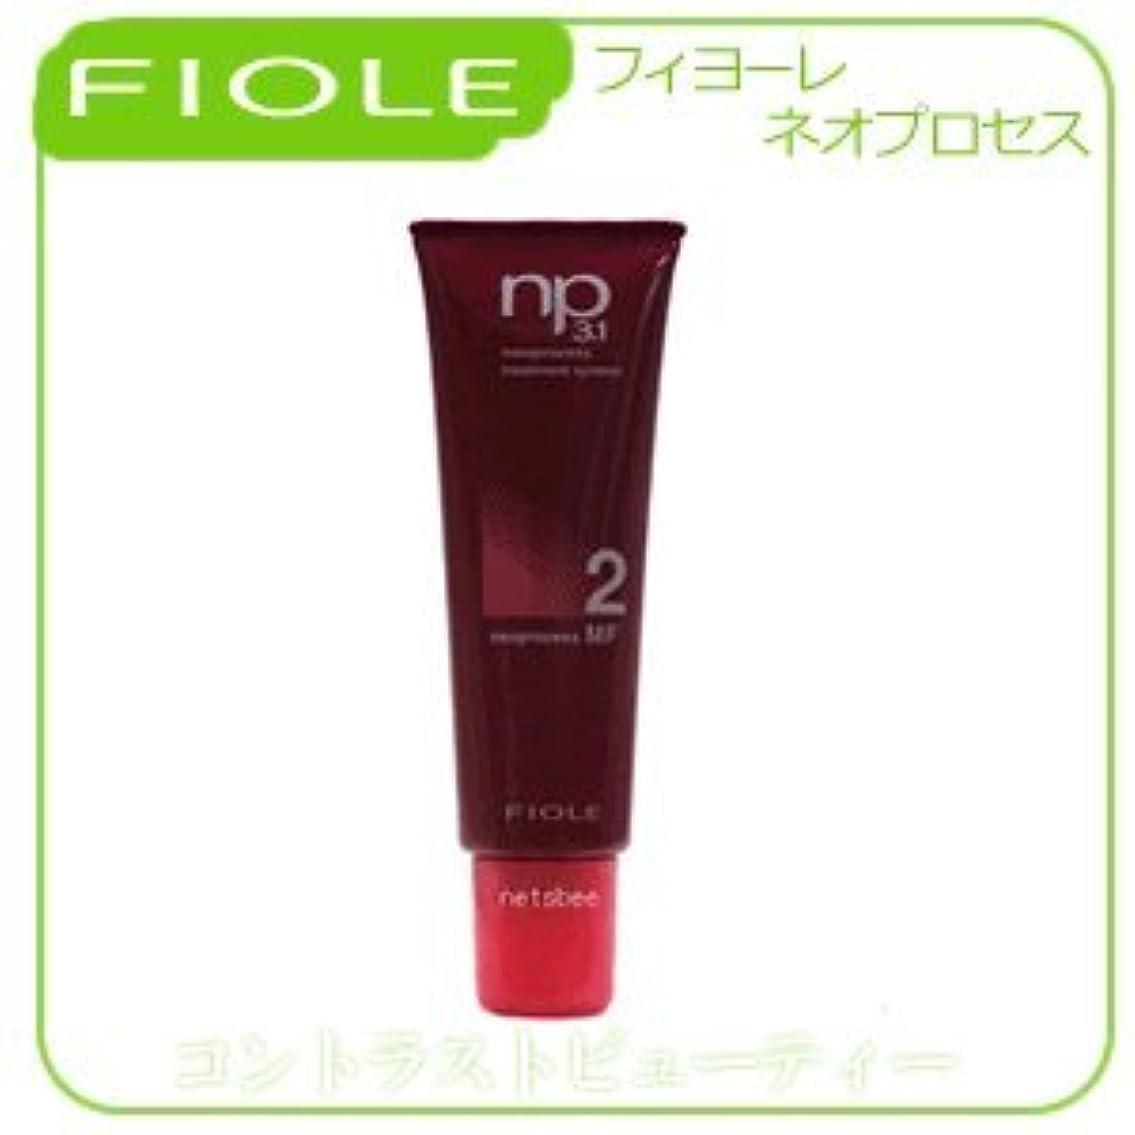 支配的雪送金フィヨーレ NP3.1 ネオプロセス MF2 130g FIOLE ネオプロセス